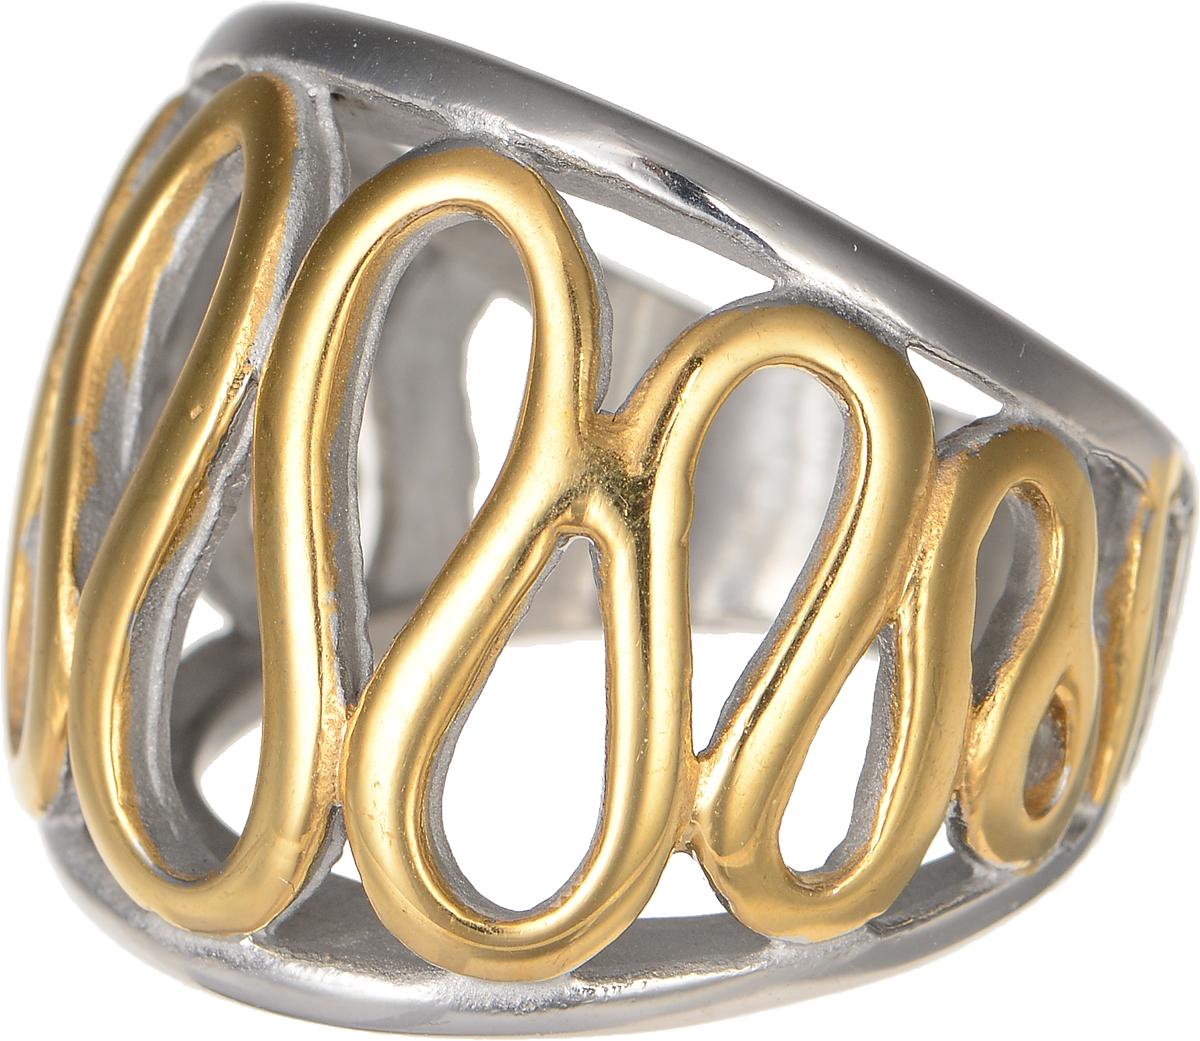 Кольцо Polina Selezneva, цвет: серебристый, золотистый. DG-0011. Размер 20Коктейльное кольцоСтильное кольцо Polina Selezneva изготовлено из качественного металлического сплава и выполнено в оригинальном дизайне. Кольцо оформлено резным узором.